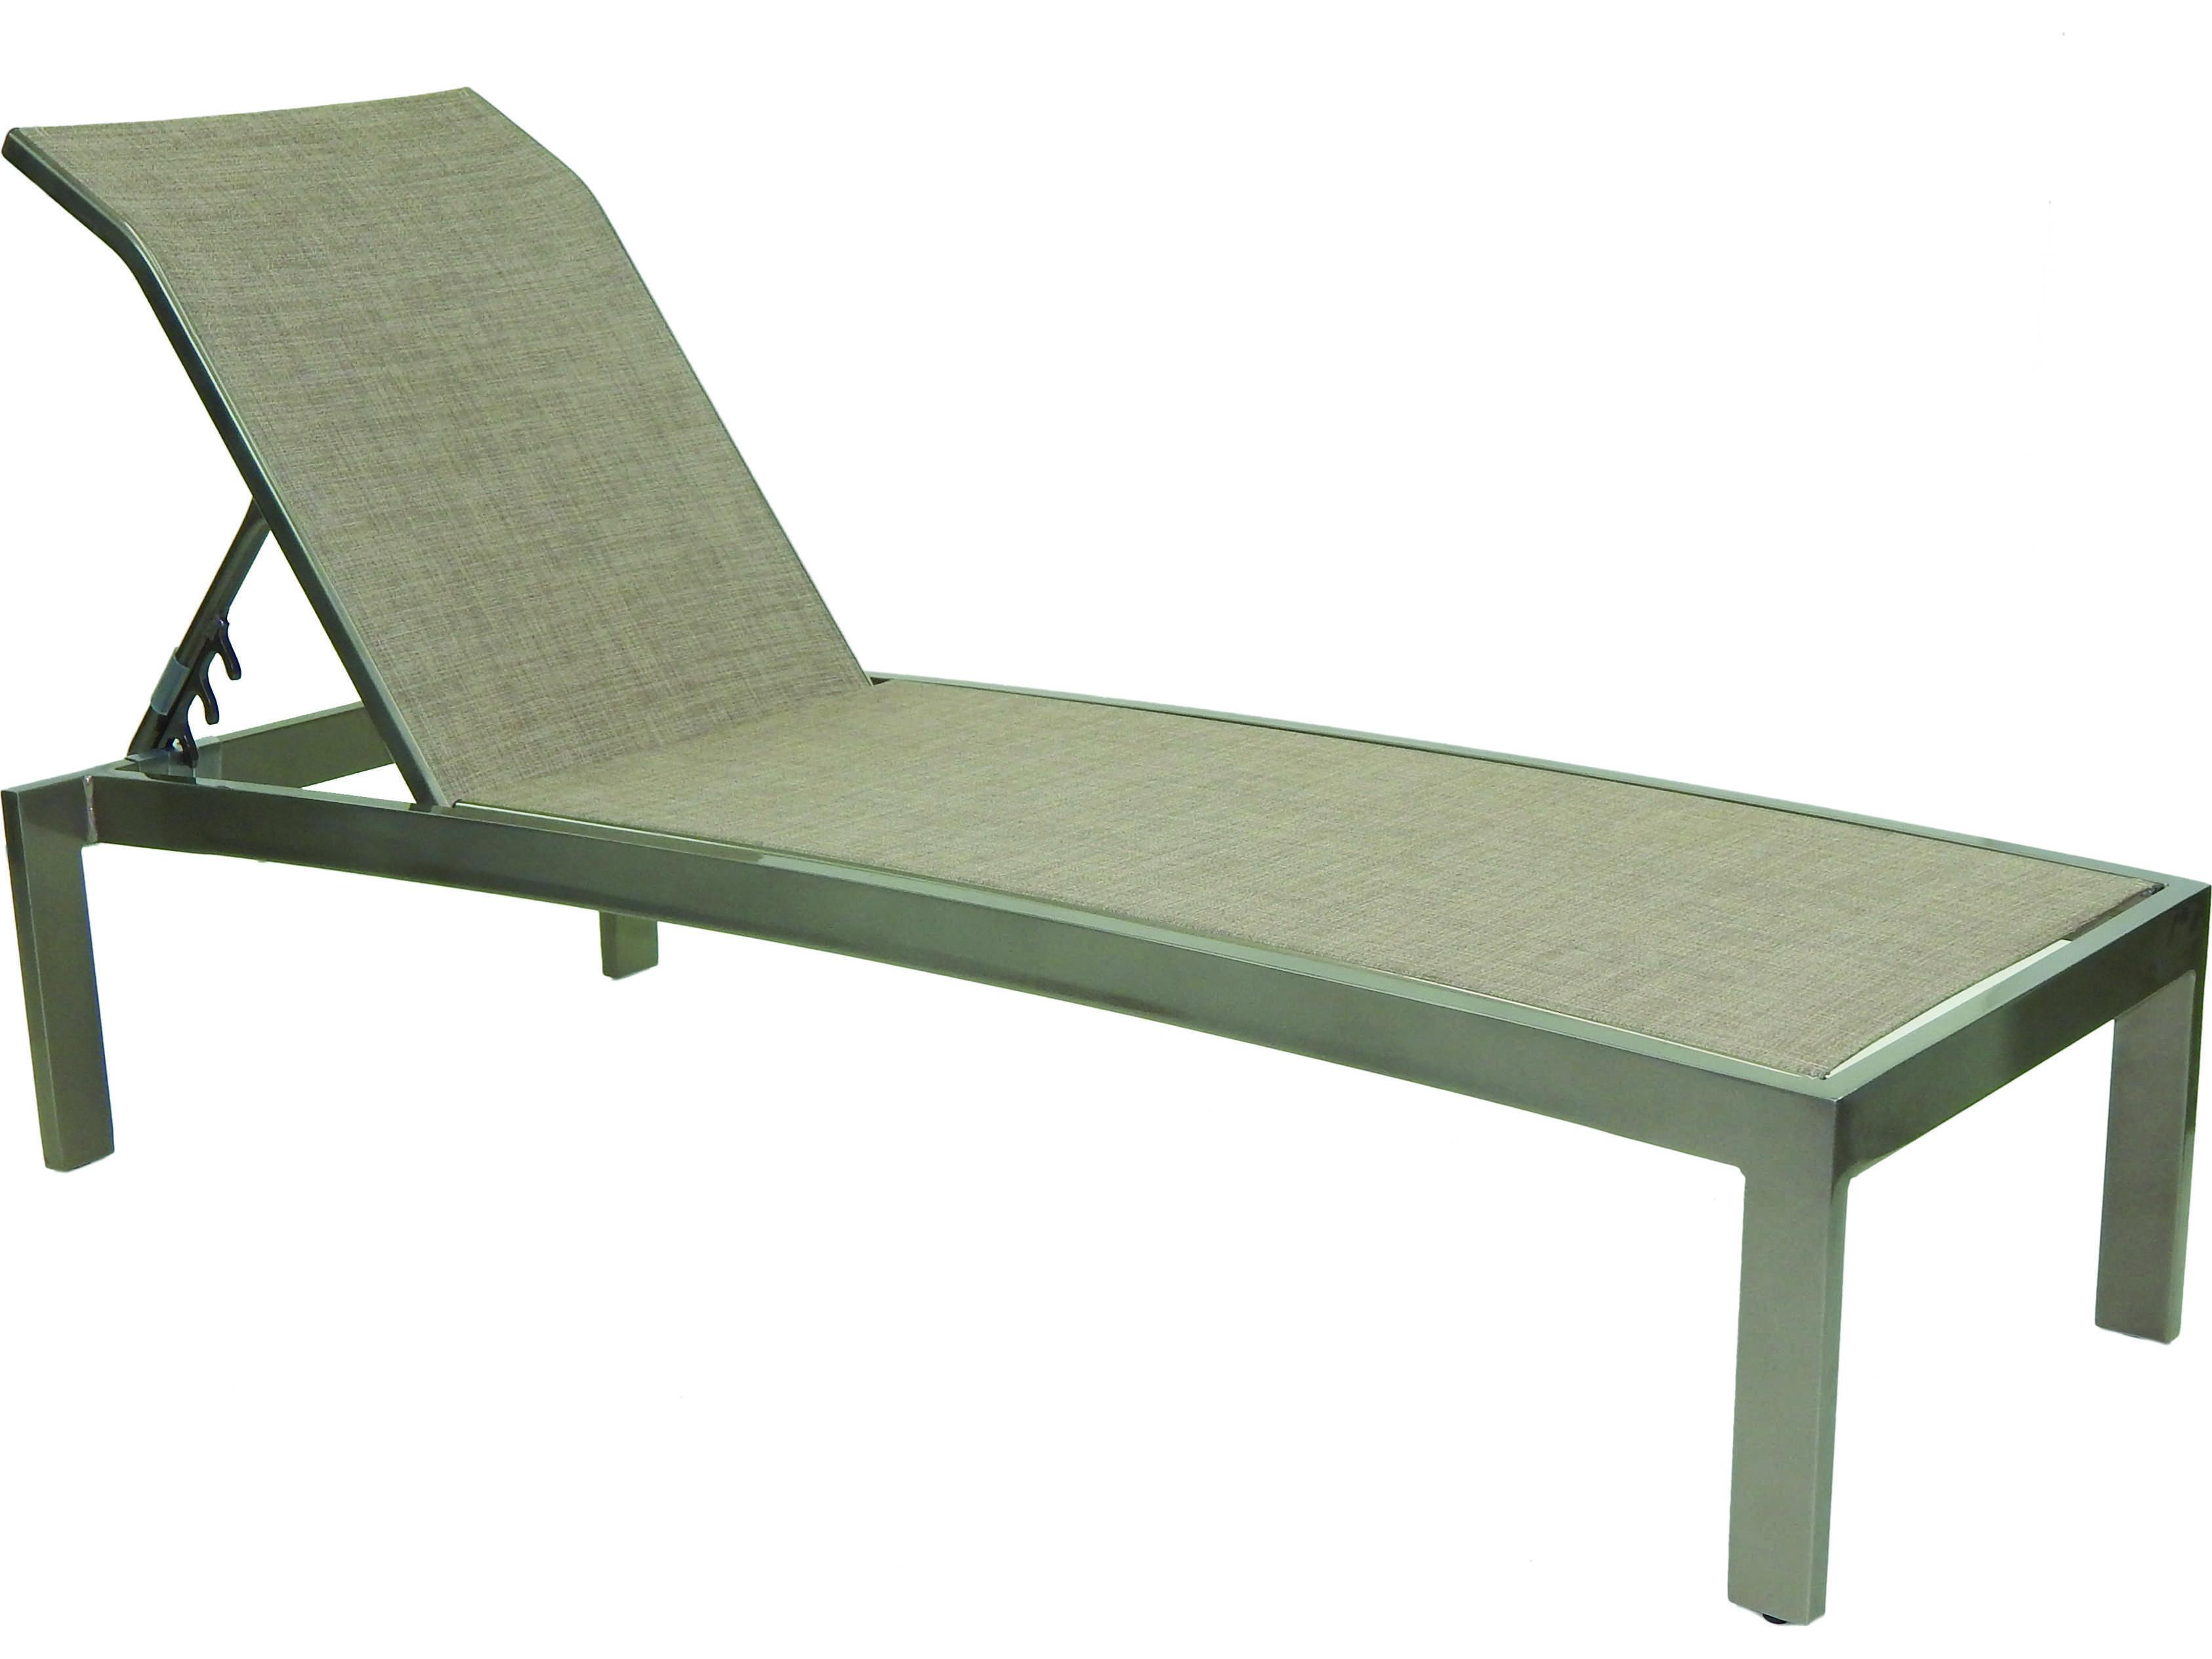 Castelle orion sling cast aluminum adjustable chaise for Cast aluminum chaise